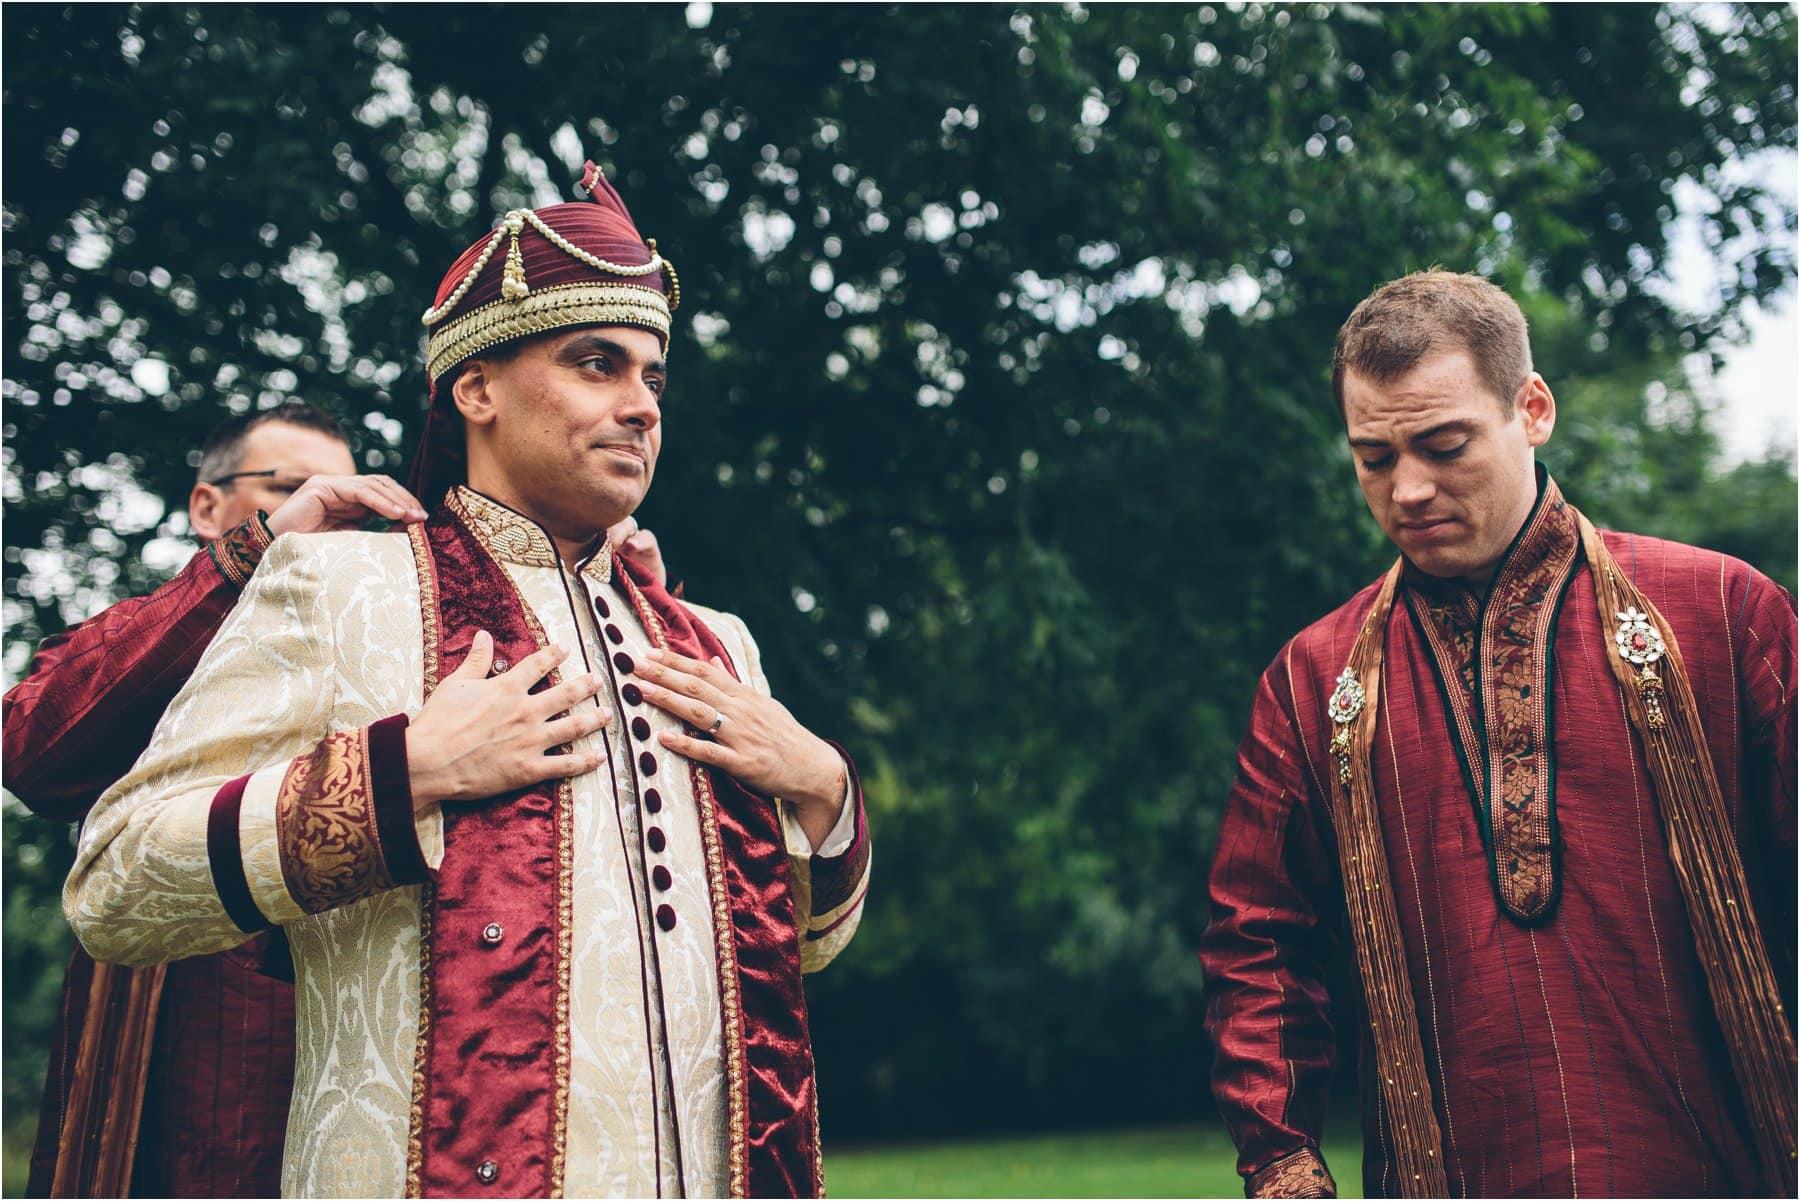 Lancashire_Indian_Wedding_Photography_0024